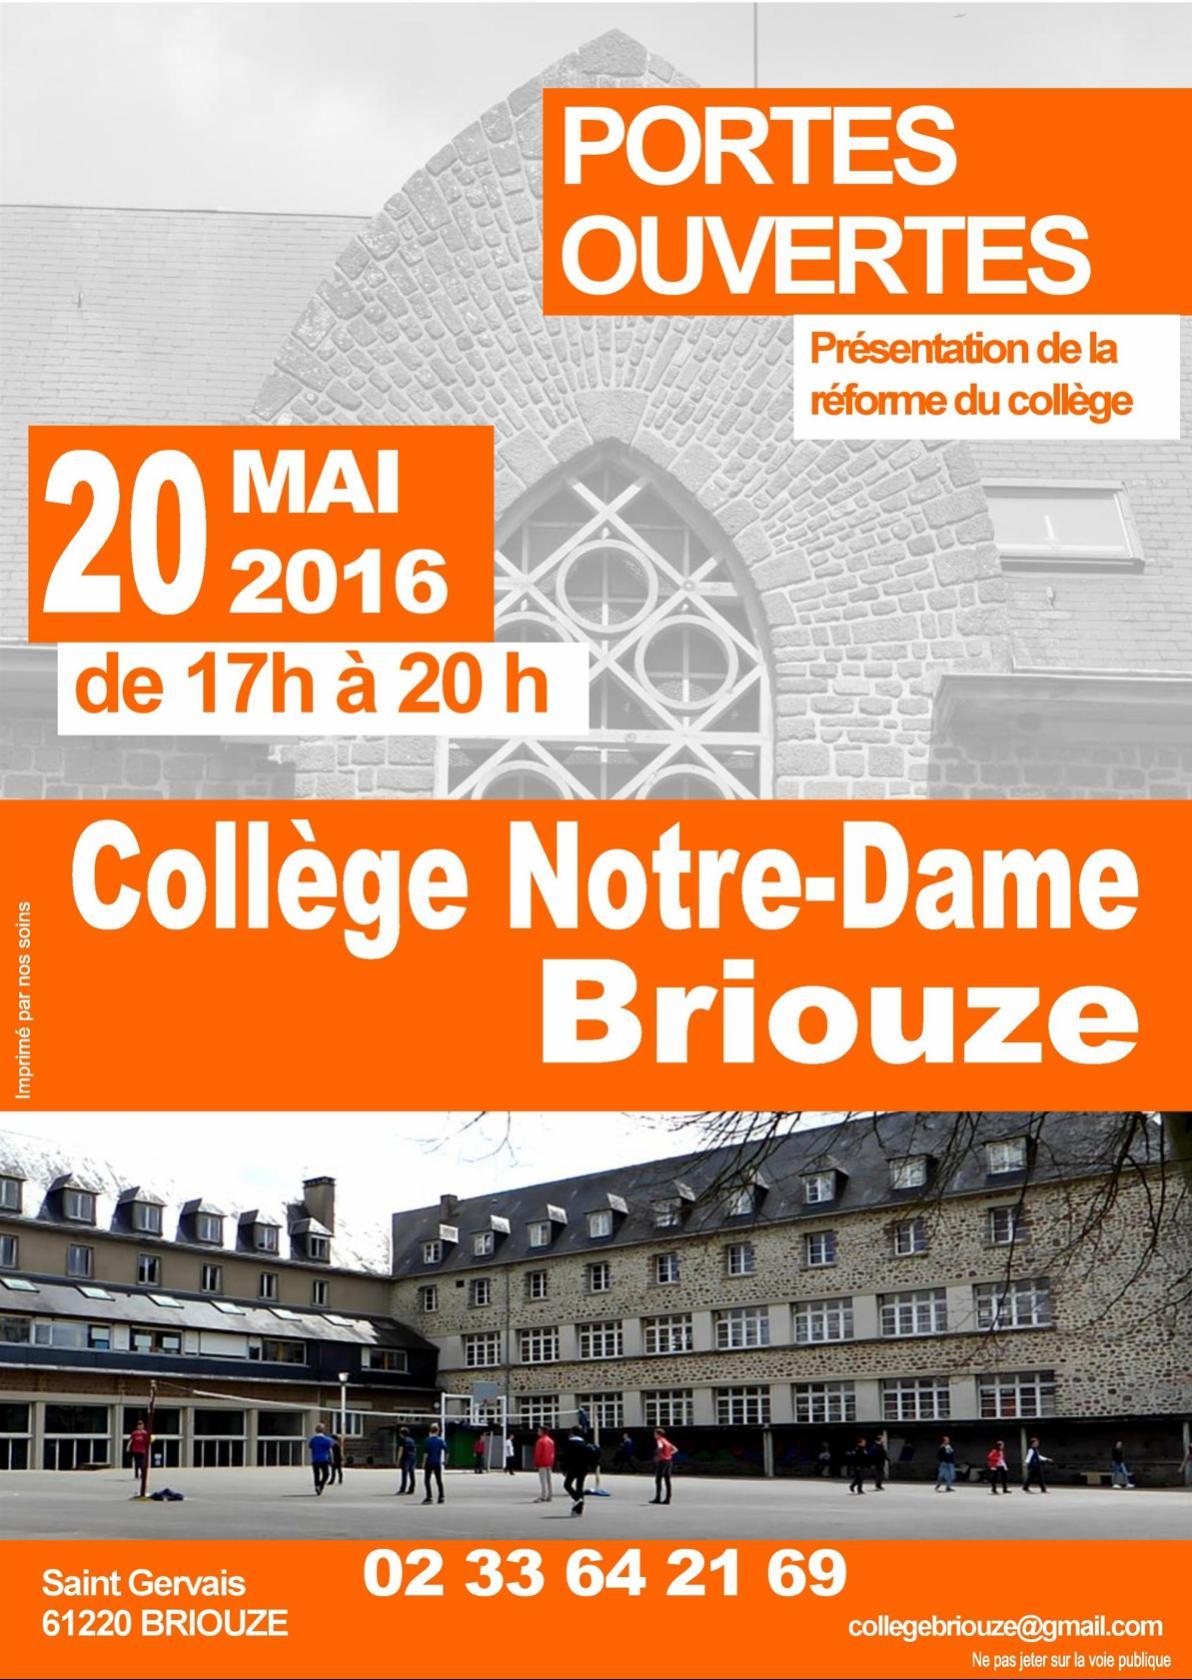 Portes ouvertes au collège Notre-Dame Briouze